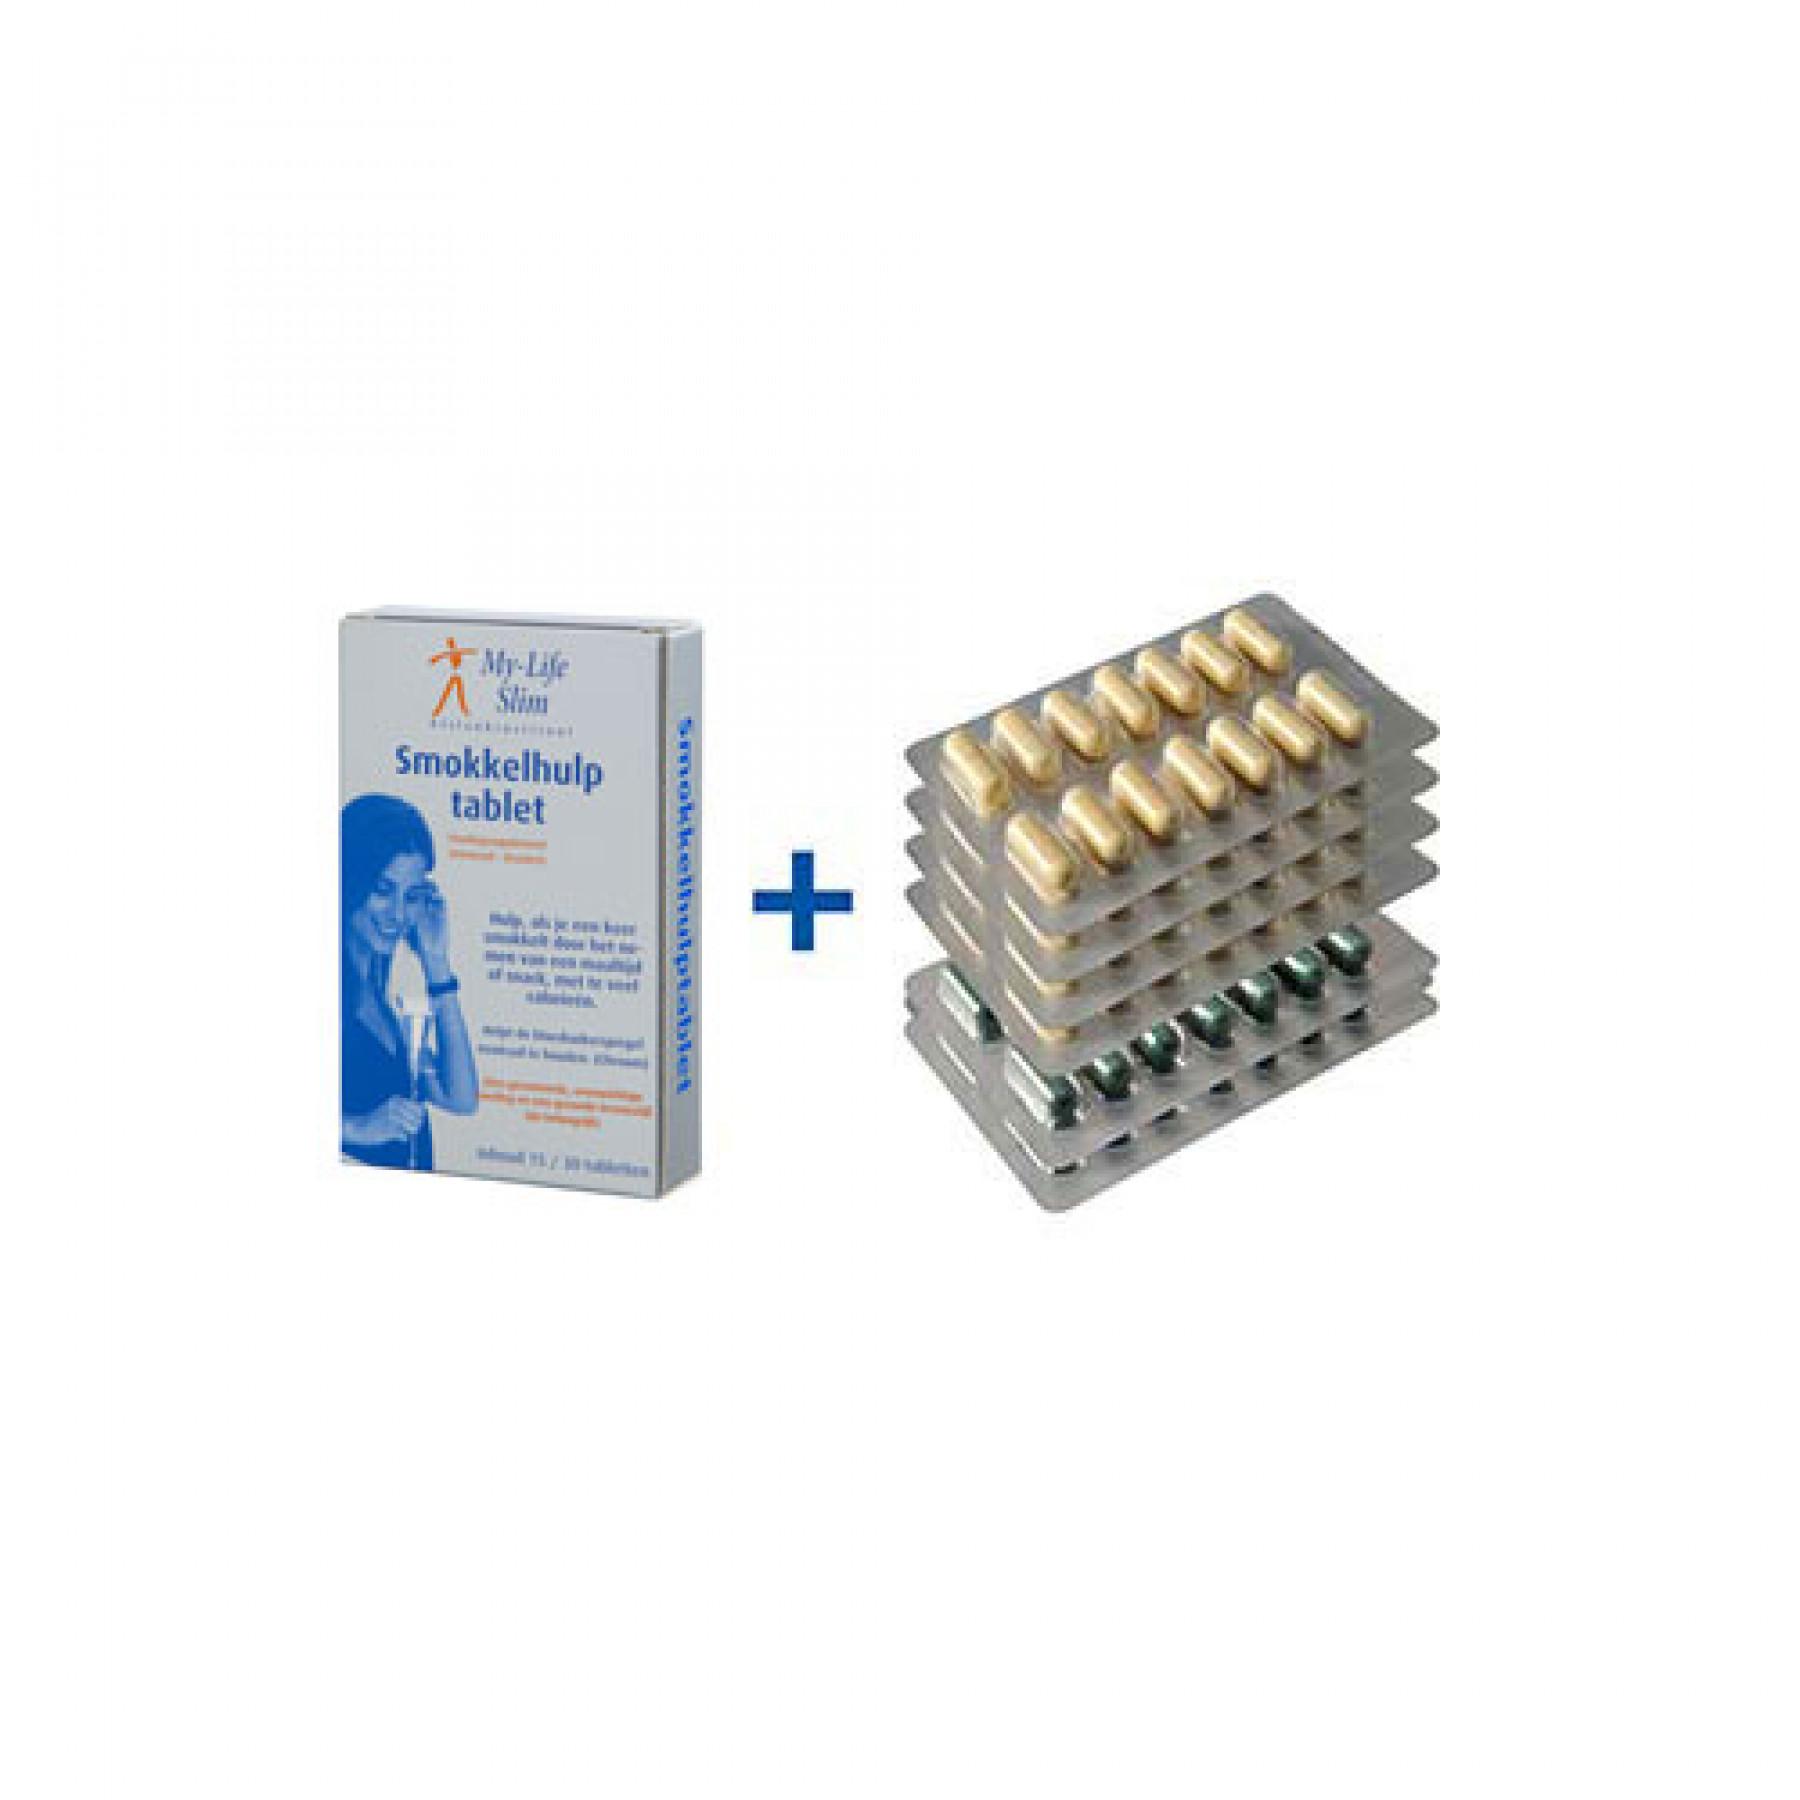 Homeset Plus BMI 29 of lager, 4 strips Restore + 2 strips Psylium voor 2 weken, 15 tabletten Smokkelhulptablet